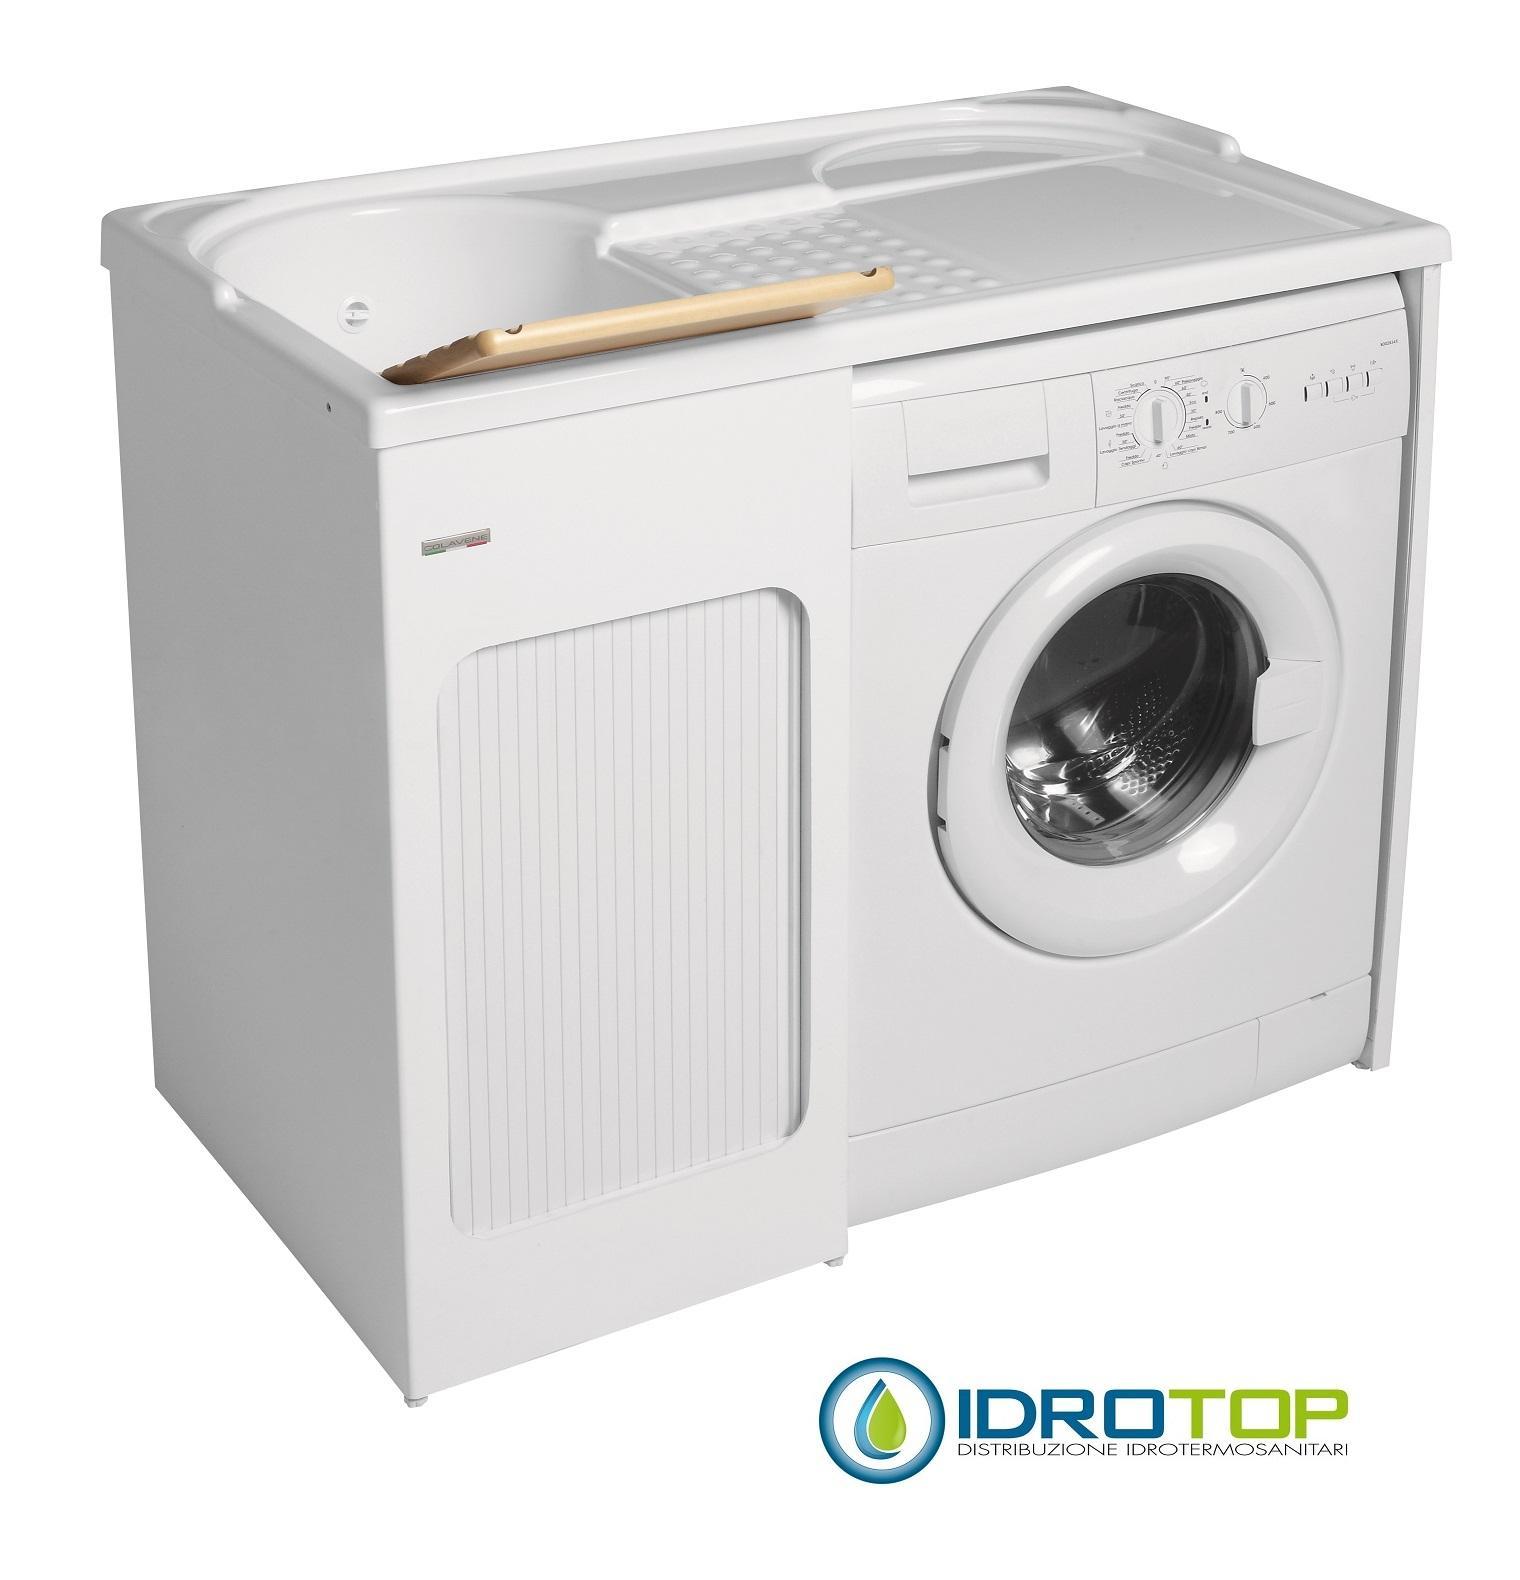 montegrappa bagno lavanderia ~ Comarg.com = Lussuoso Design del ...